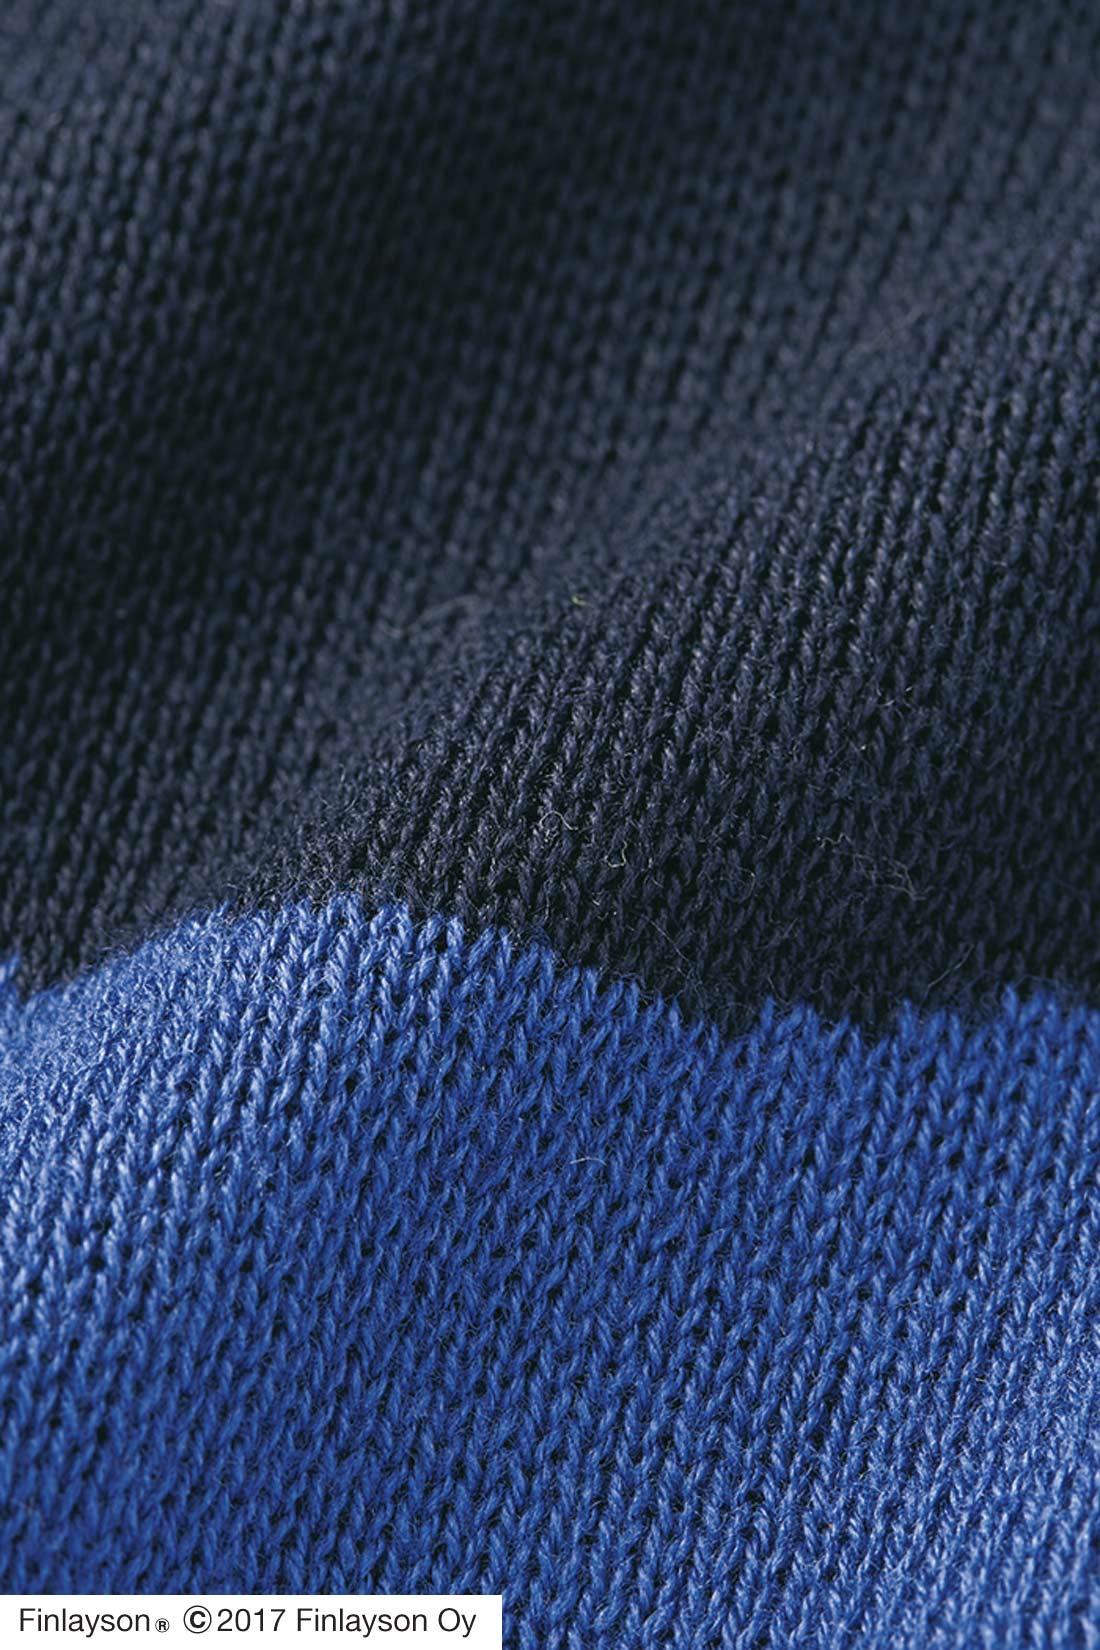 ぬくもりがあって表情豊かなジャカード編み。